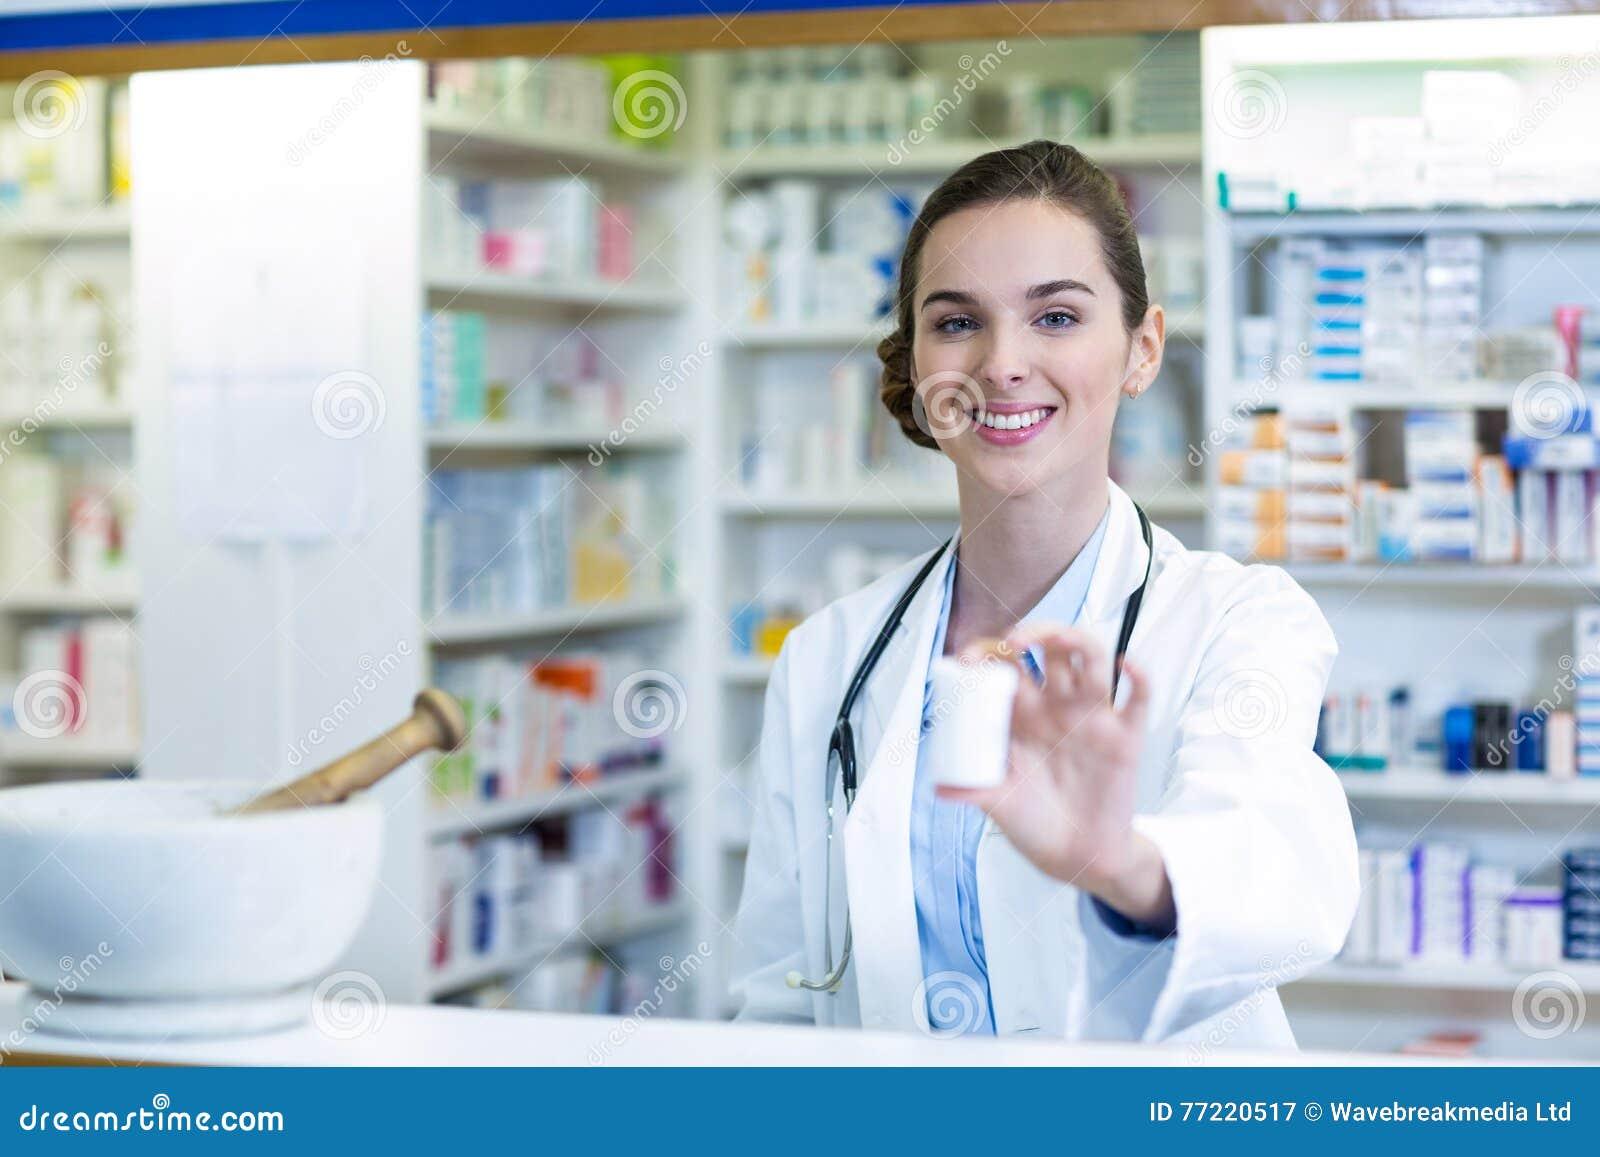 Χαμογελώντας φαρμακοποιός που παρουσιάζει εμπορευματοκιβώτιο ιατρικής στο φαρμακείο